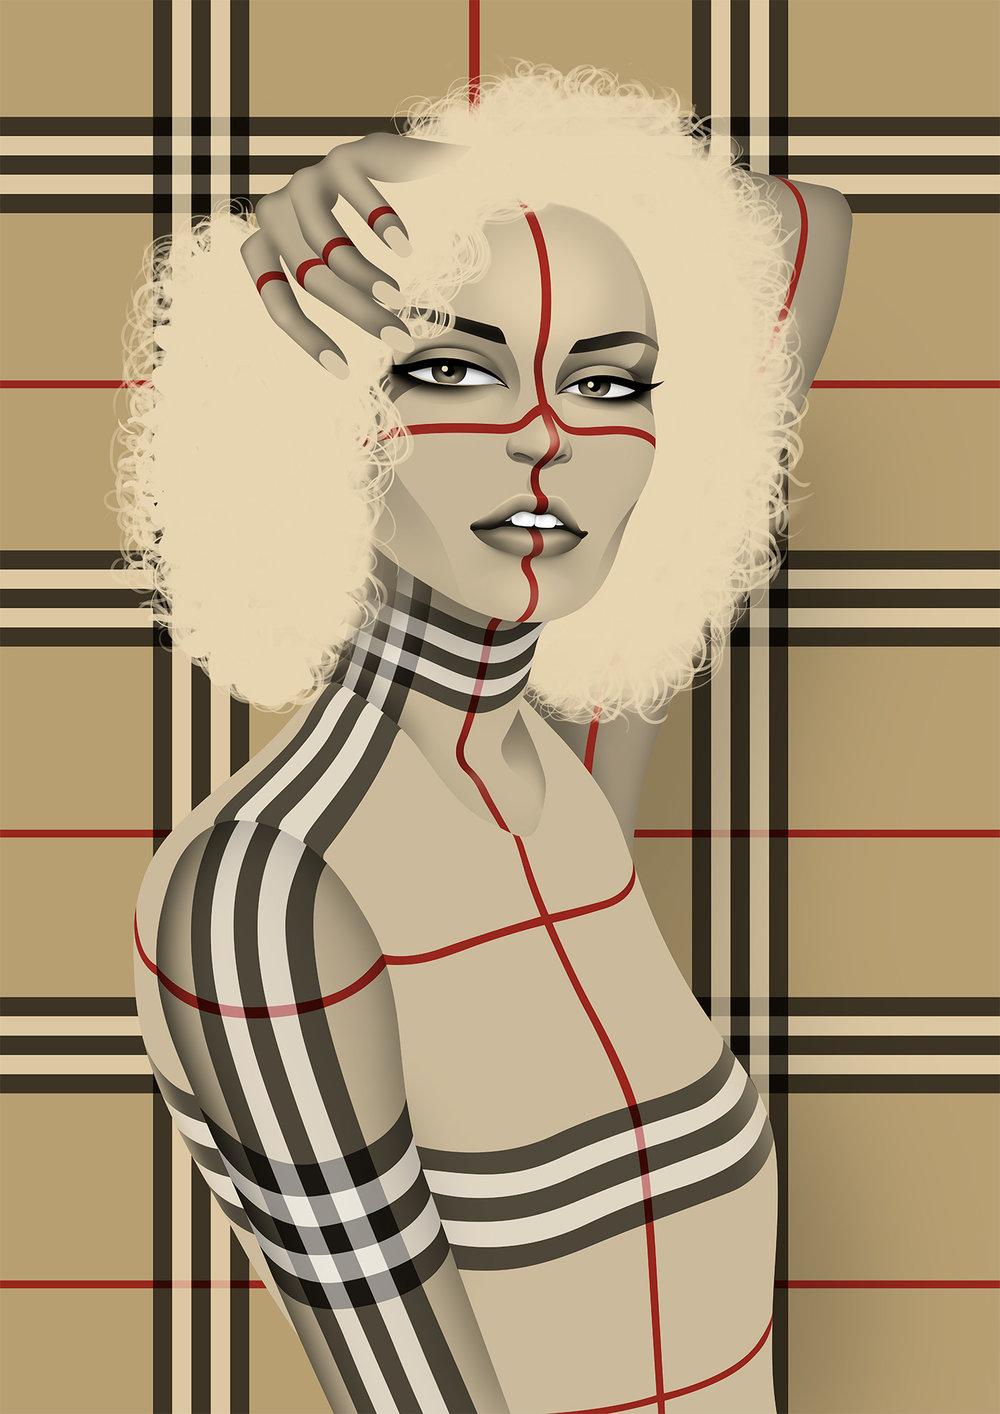 Burberry pattern dress by Reza Bassiri